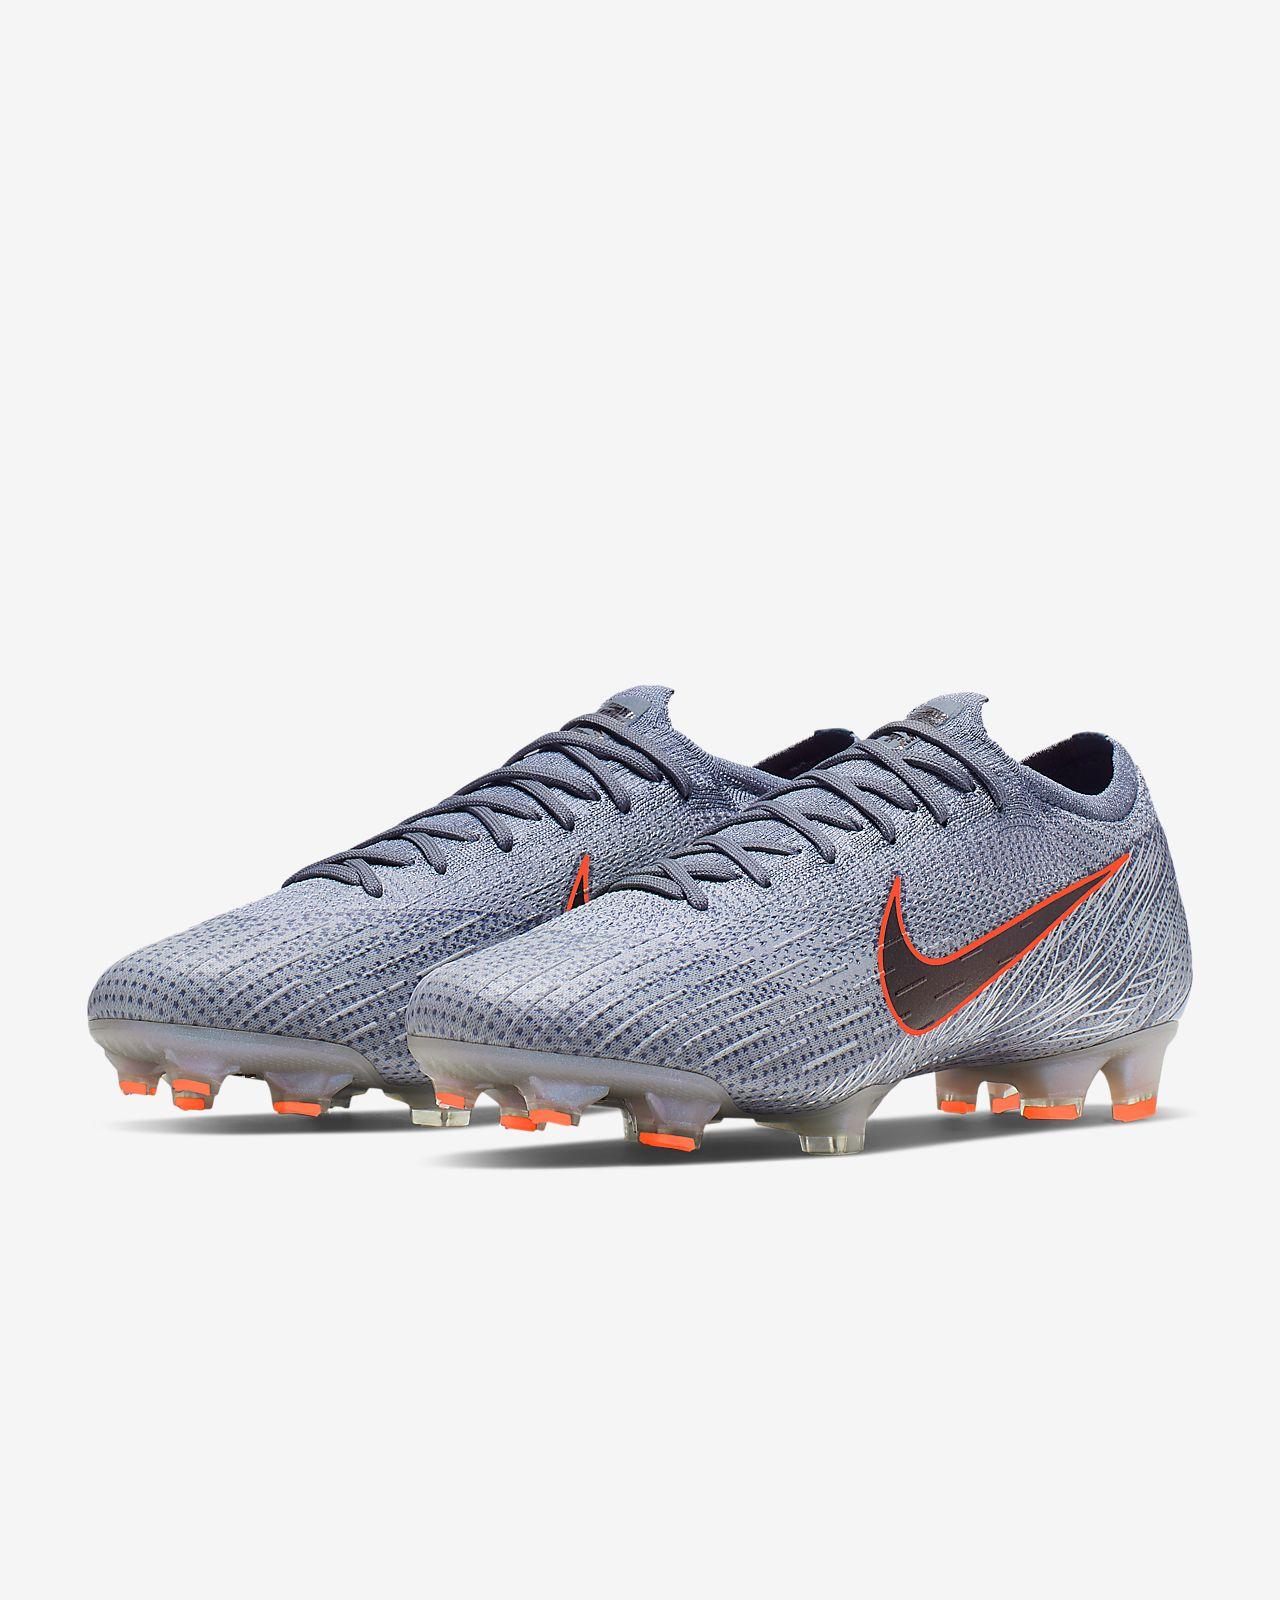 9366ecba ... Футбольные бутсы для игры на твердом грунте Nike Vapor 12 Elite FG